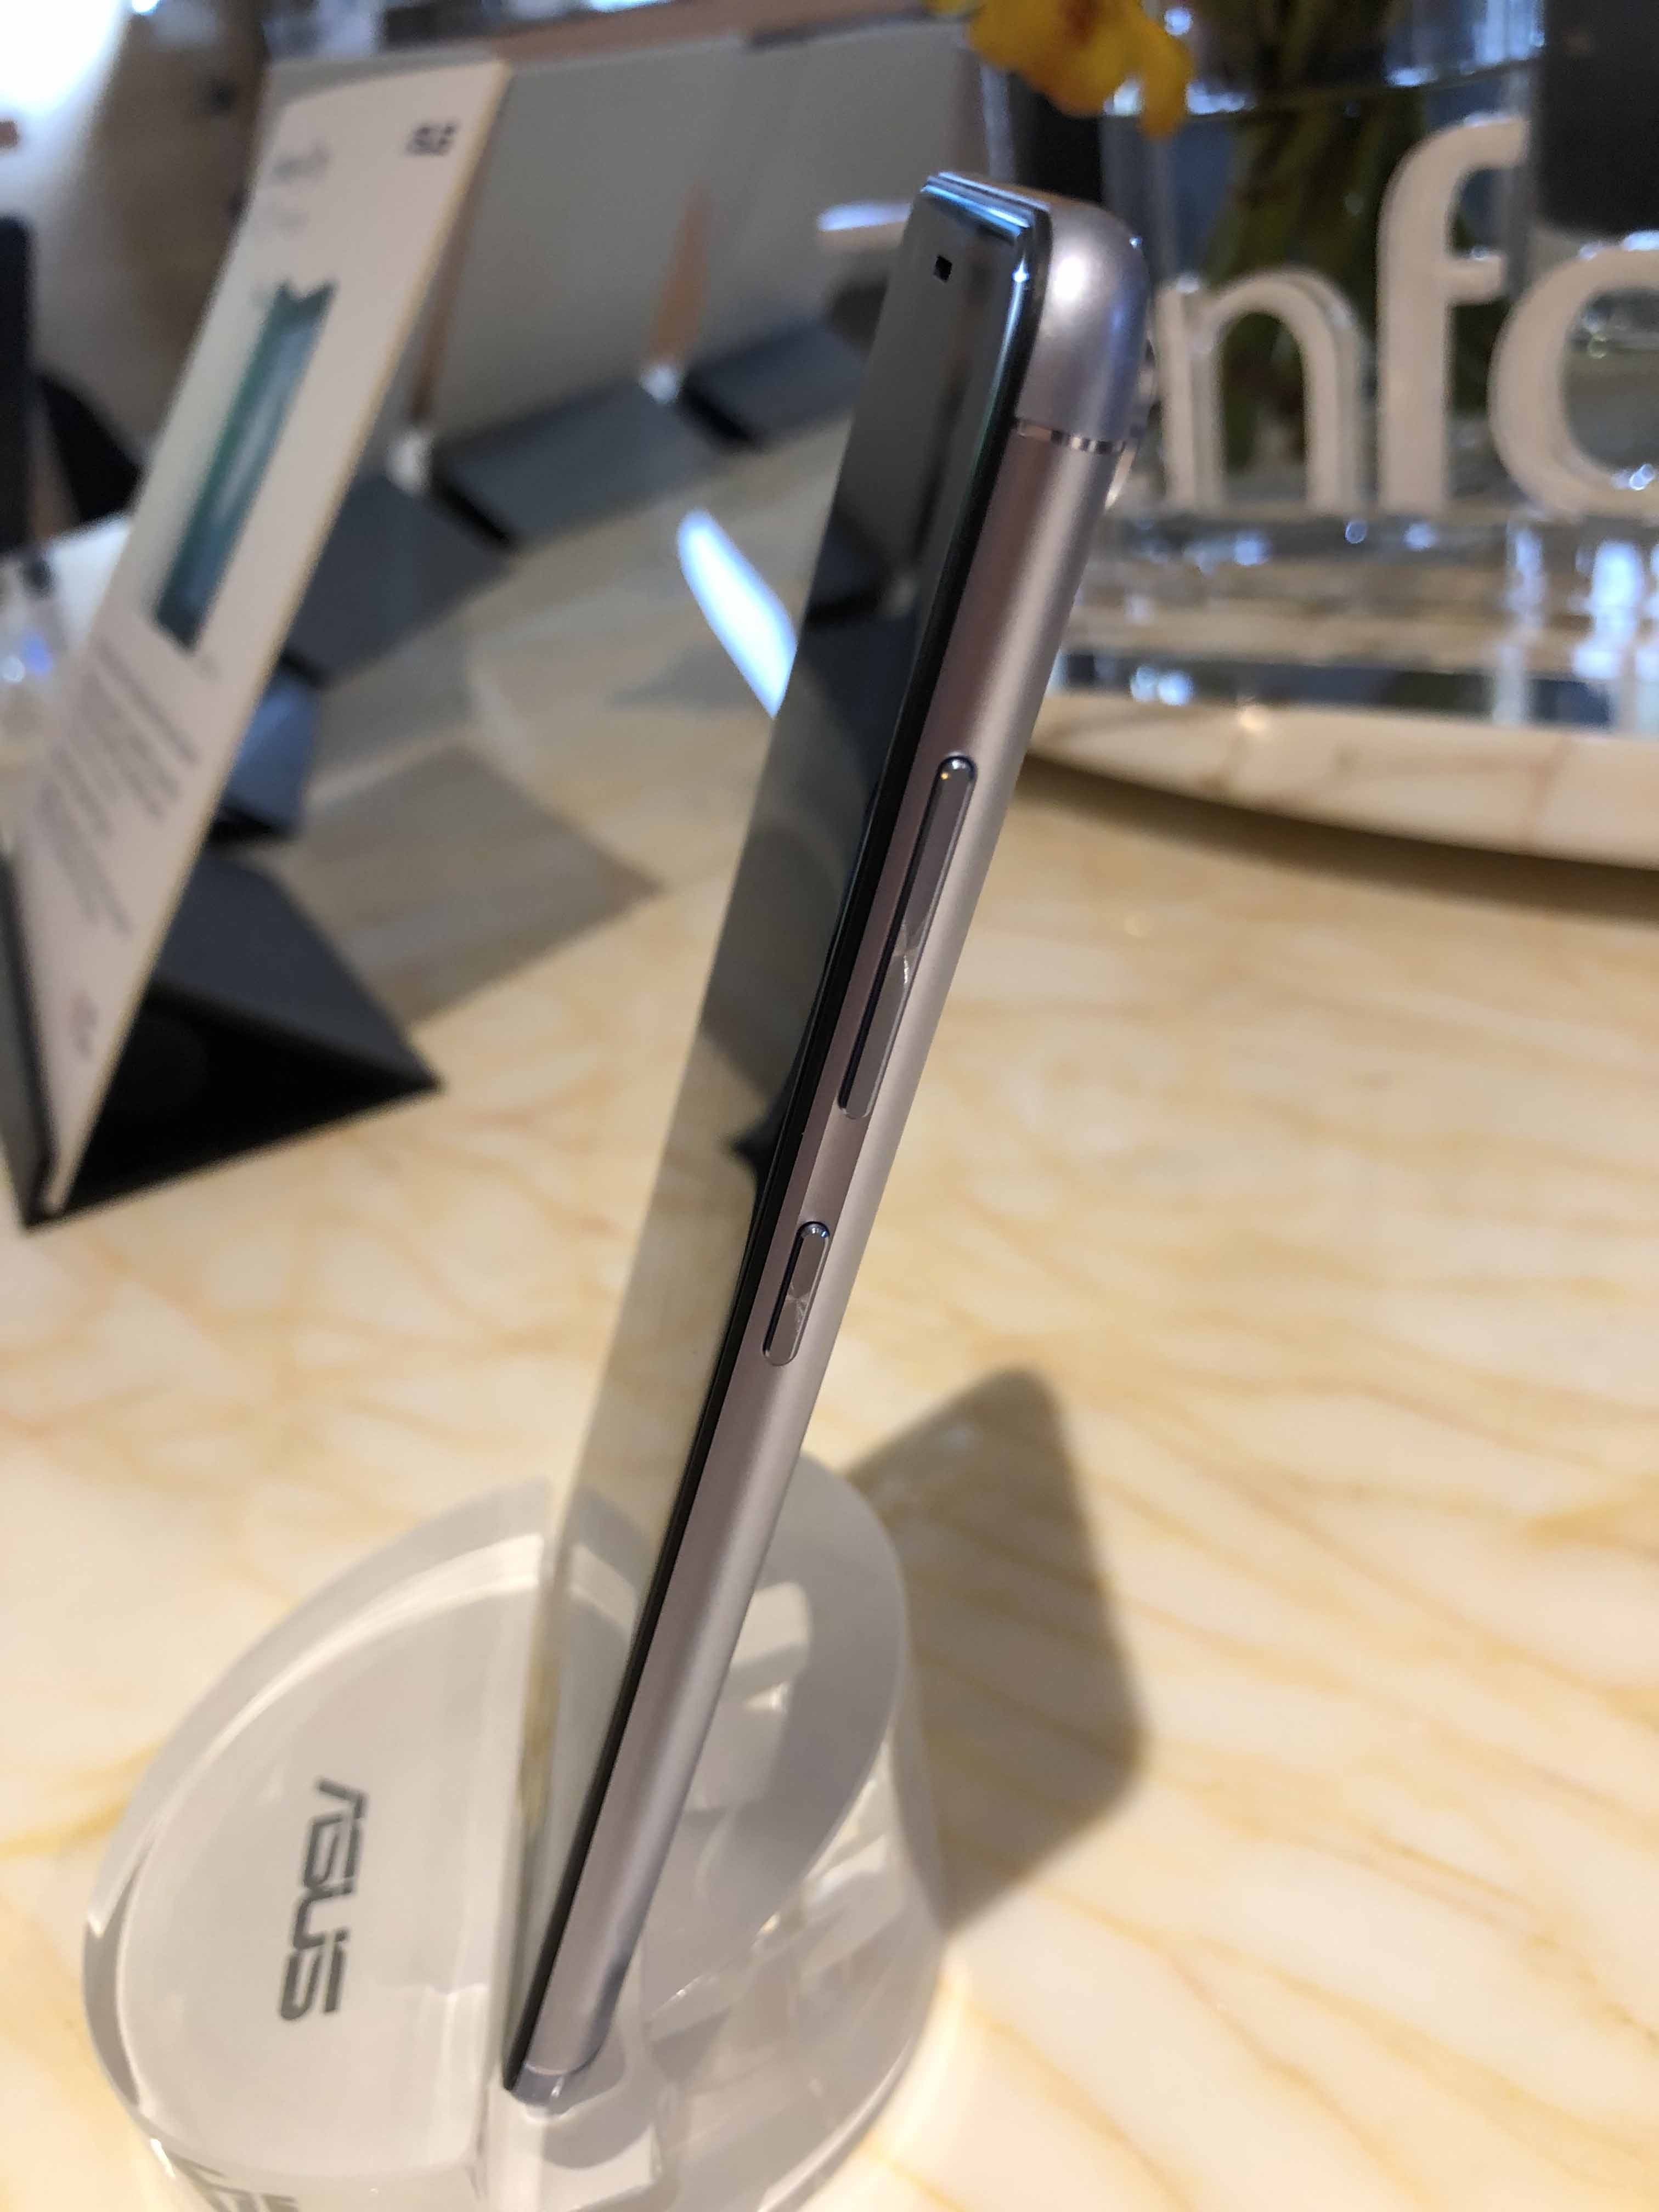 2. Asus ZenfOne Max Plus im Hands-On